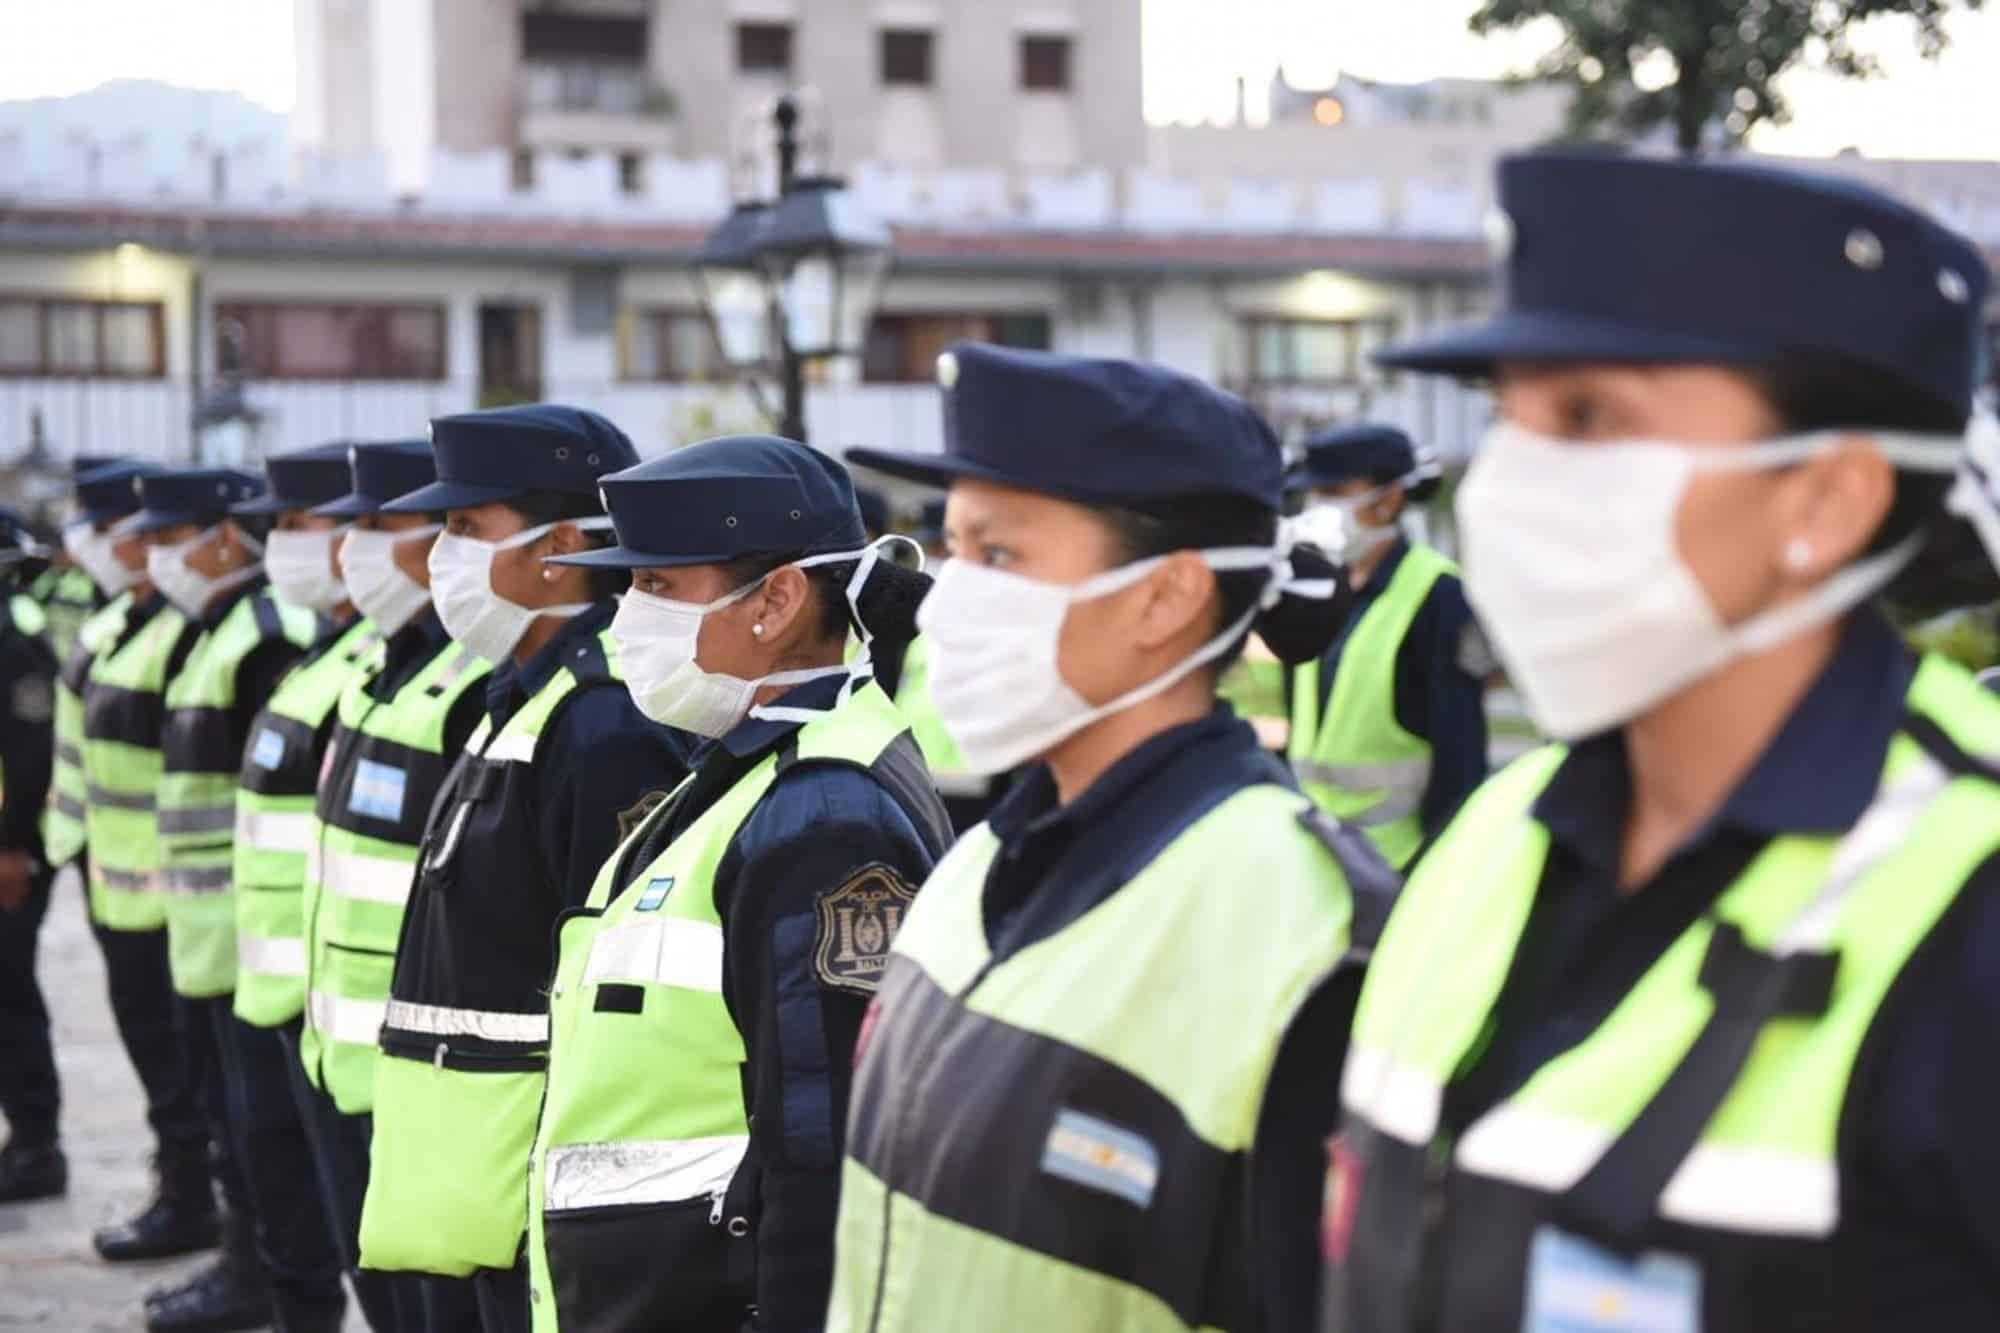 Policia-de-Salta